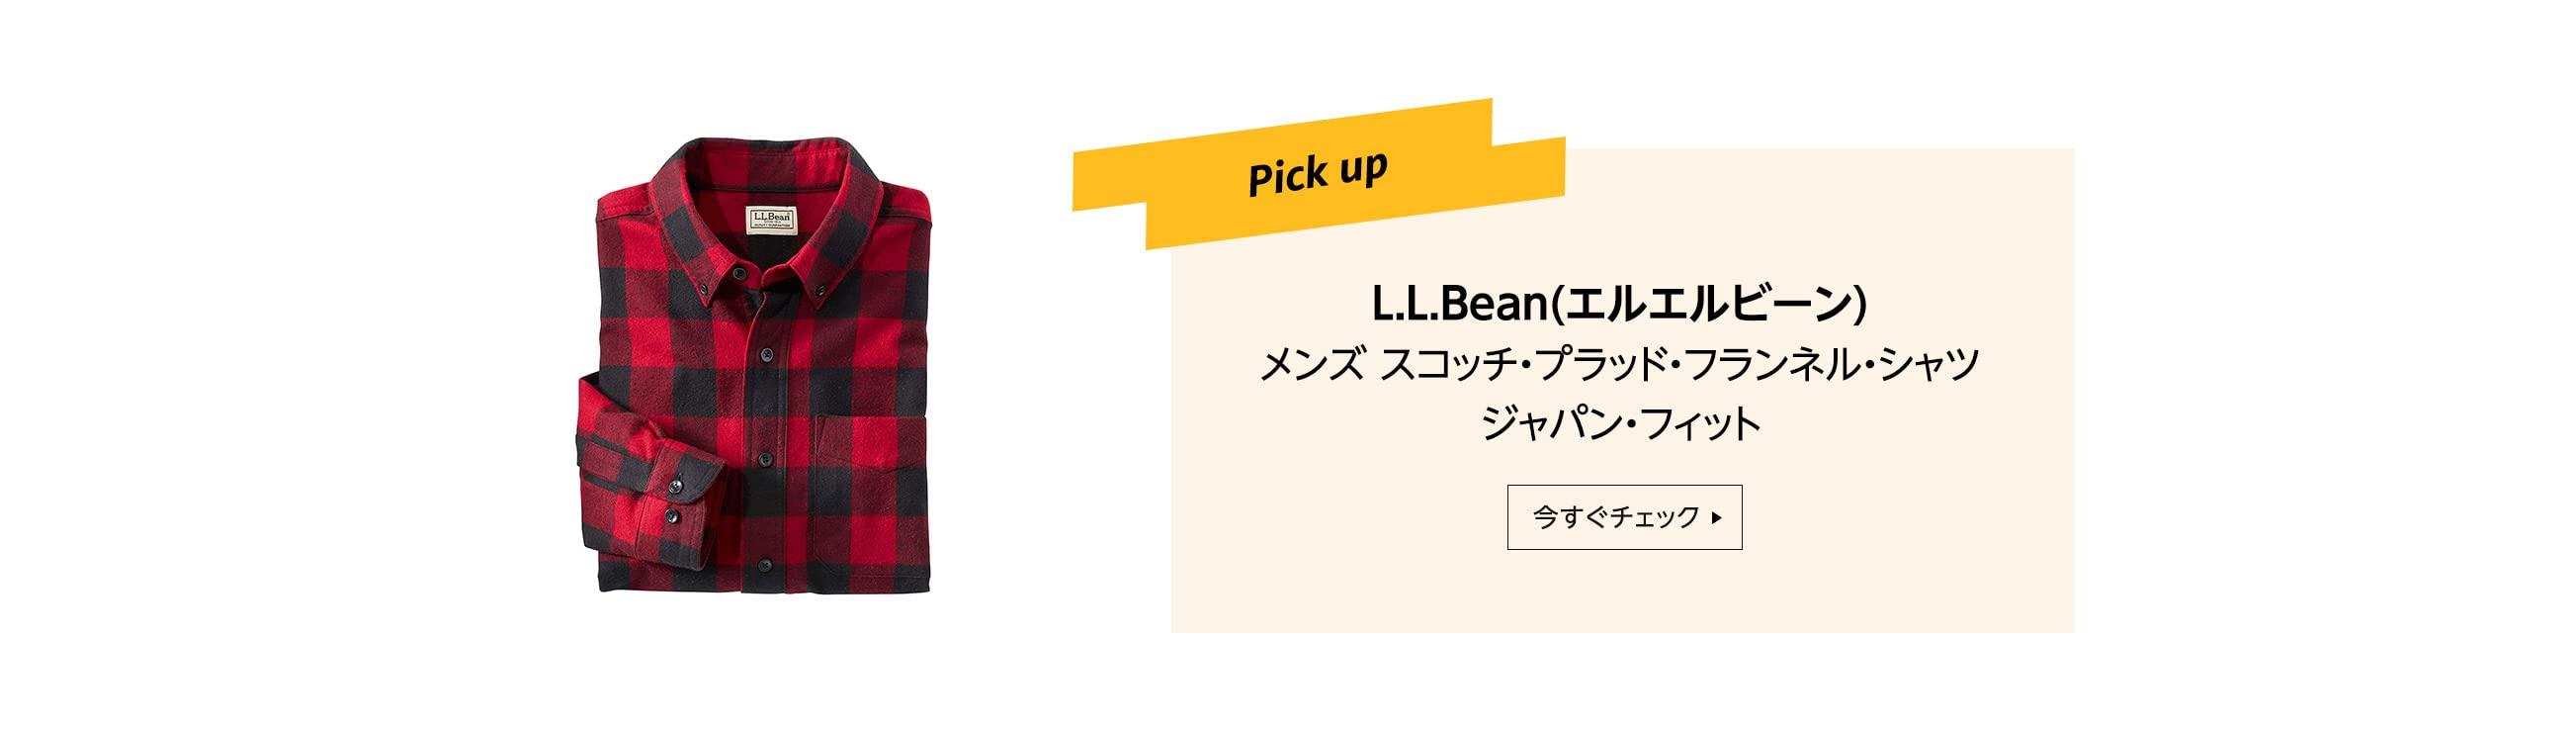 Pick up L.L.Bean(エルエルビーン) メンズ スコッチ・プラッド・フランネル・シャツ ジャパン・フィット